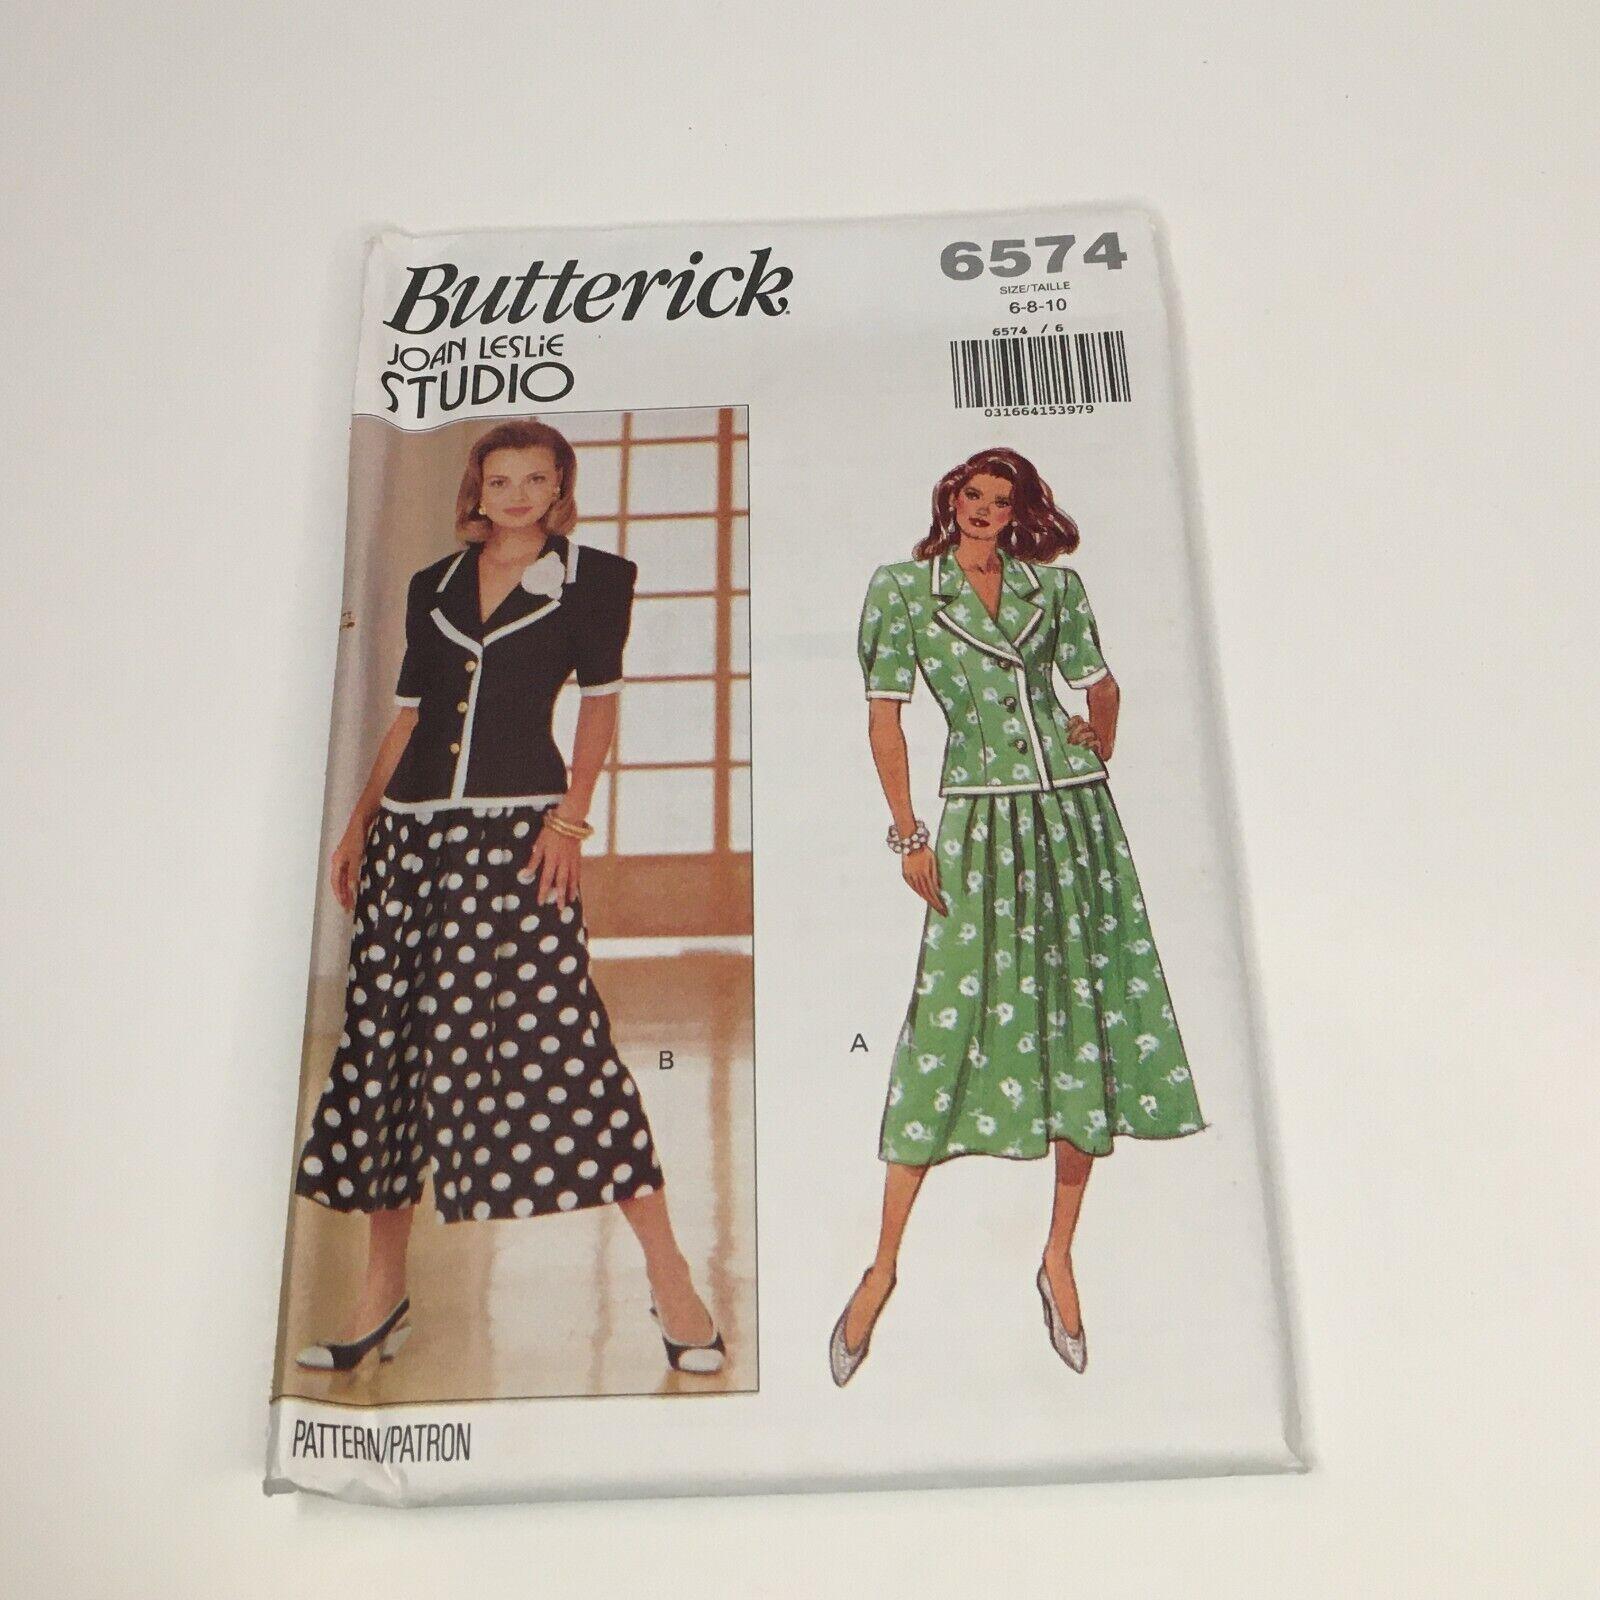 UNCUT Vintage Butterick Sewing Pattern Misses Vest 4683 OOP FF EASY Waistcoat